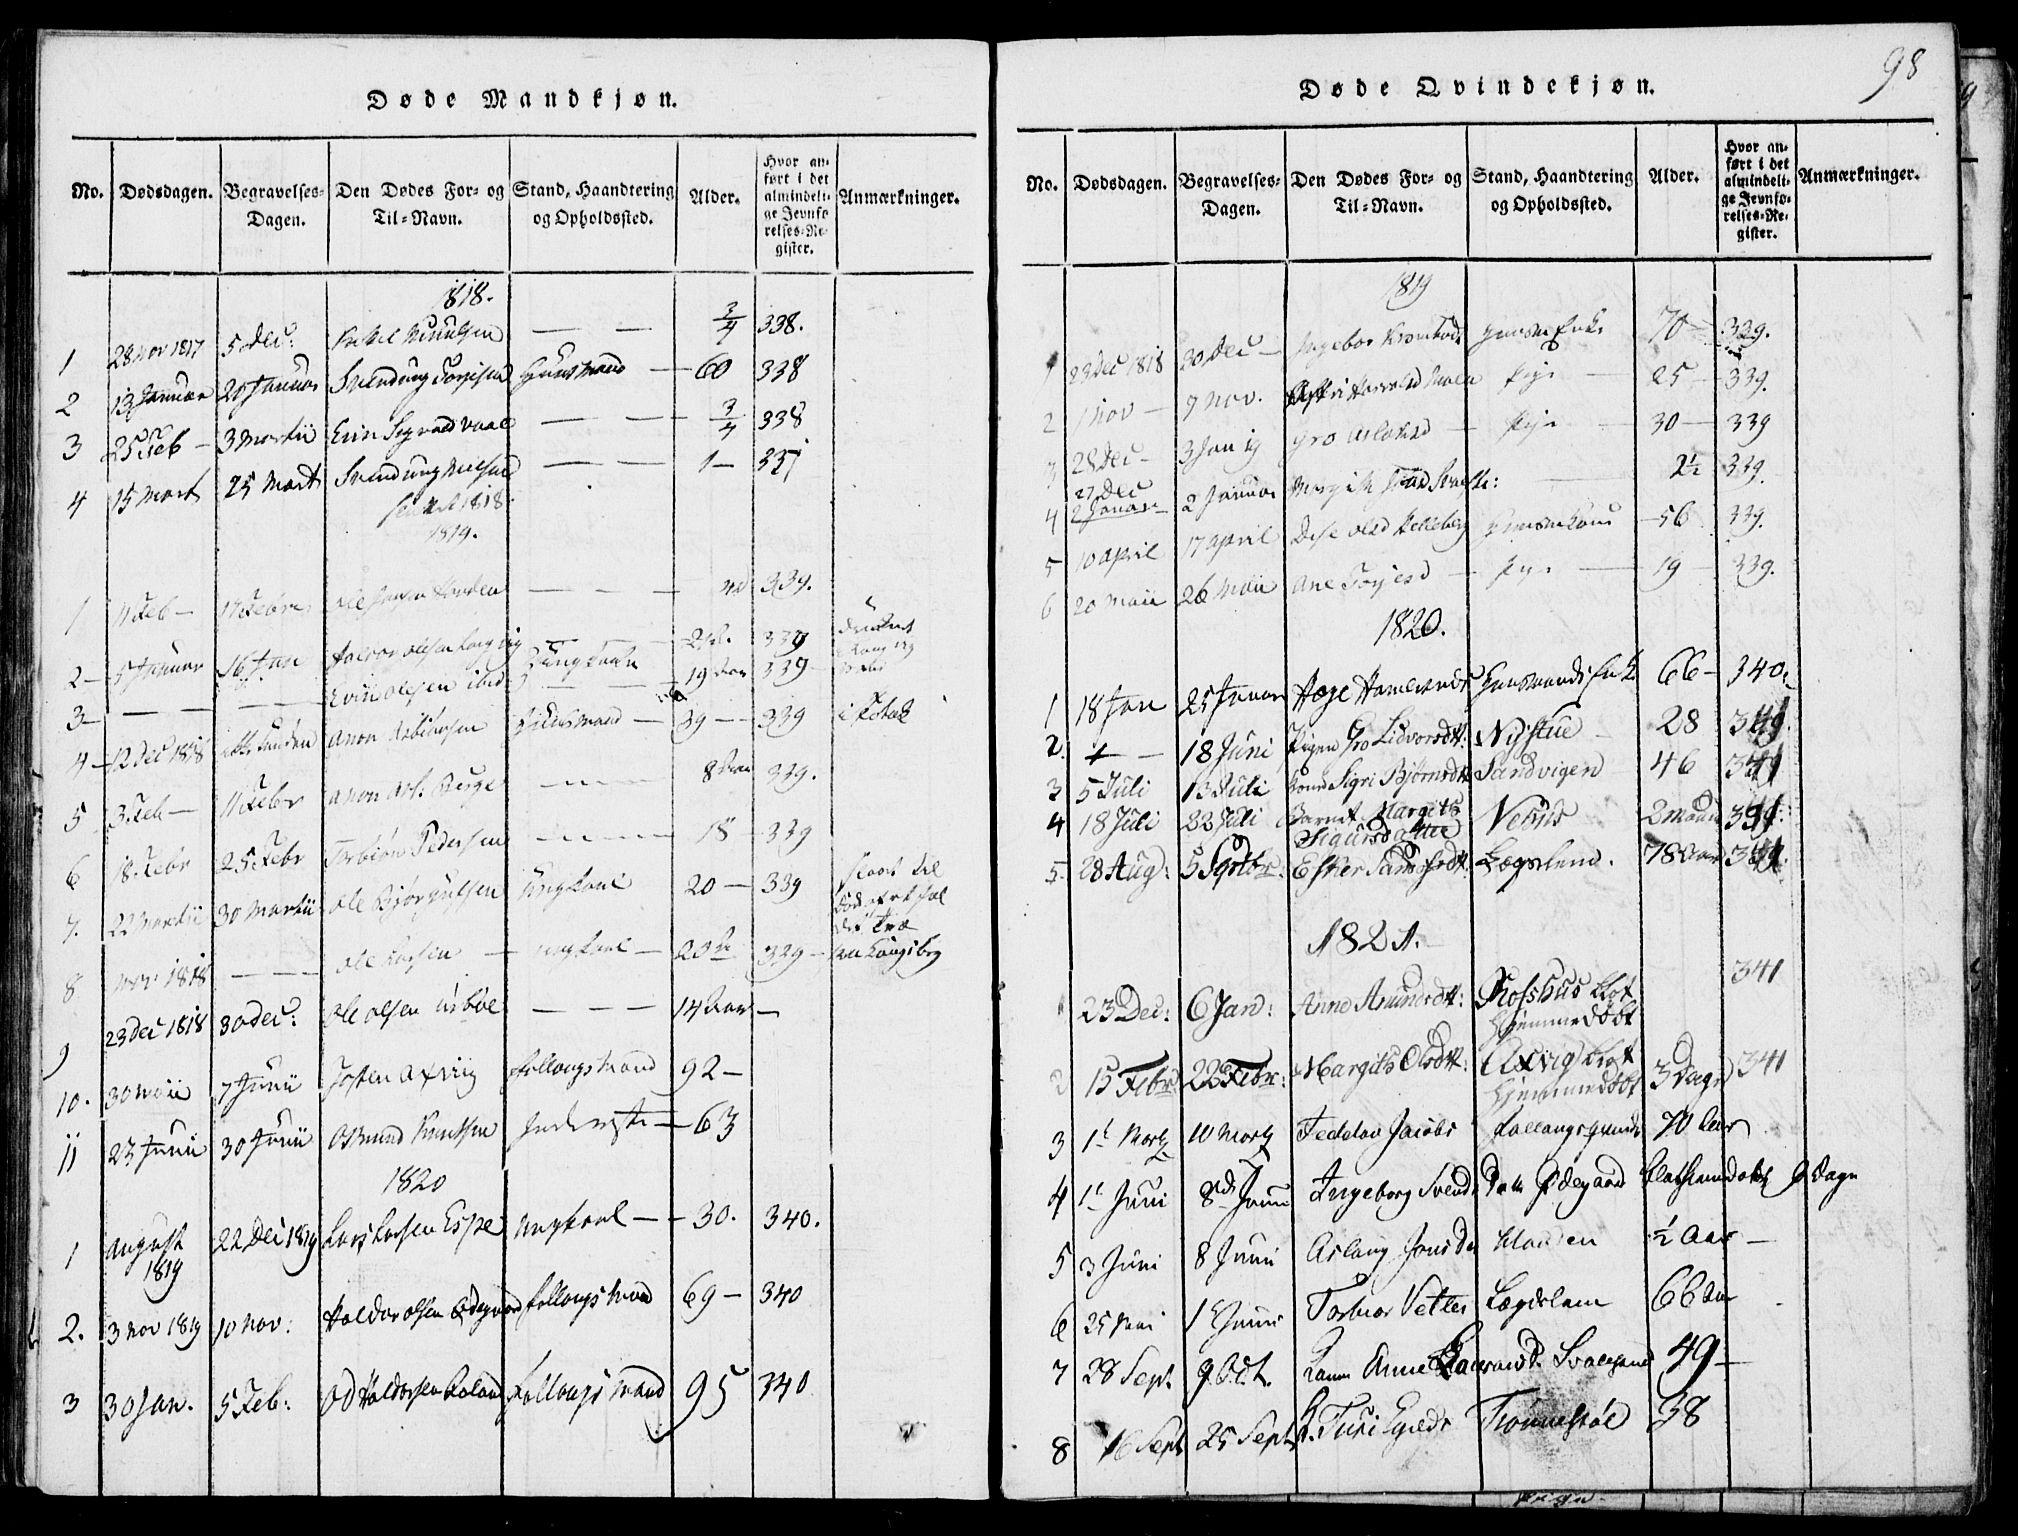 SAKO, Rauland kirkebøker, G/Ga/L0001: Klokkerbok nr. I 1, 1814-1843, s. 98